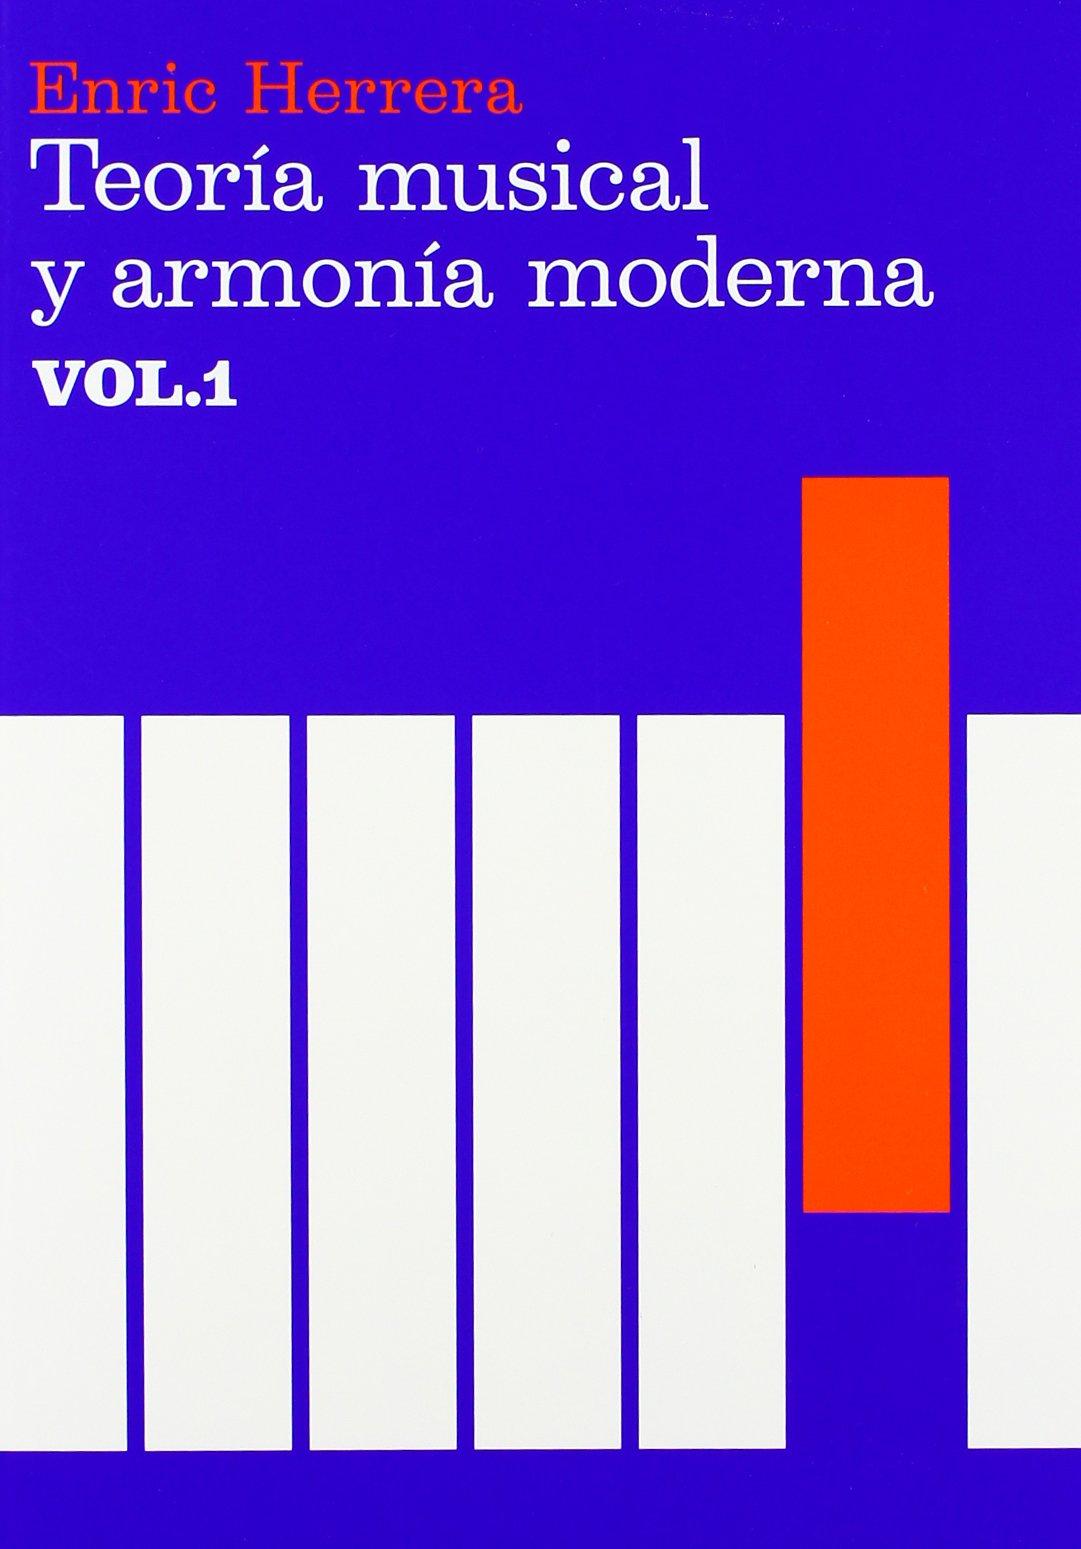 Teoría musical y armonía moderna vol. I (Música): Amazon.es ...